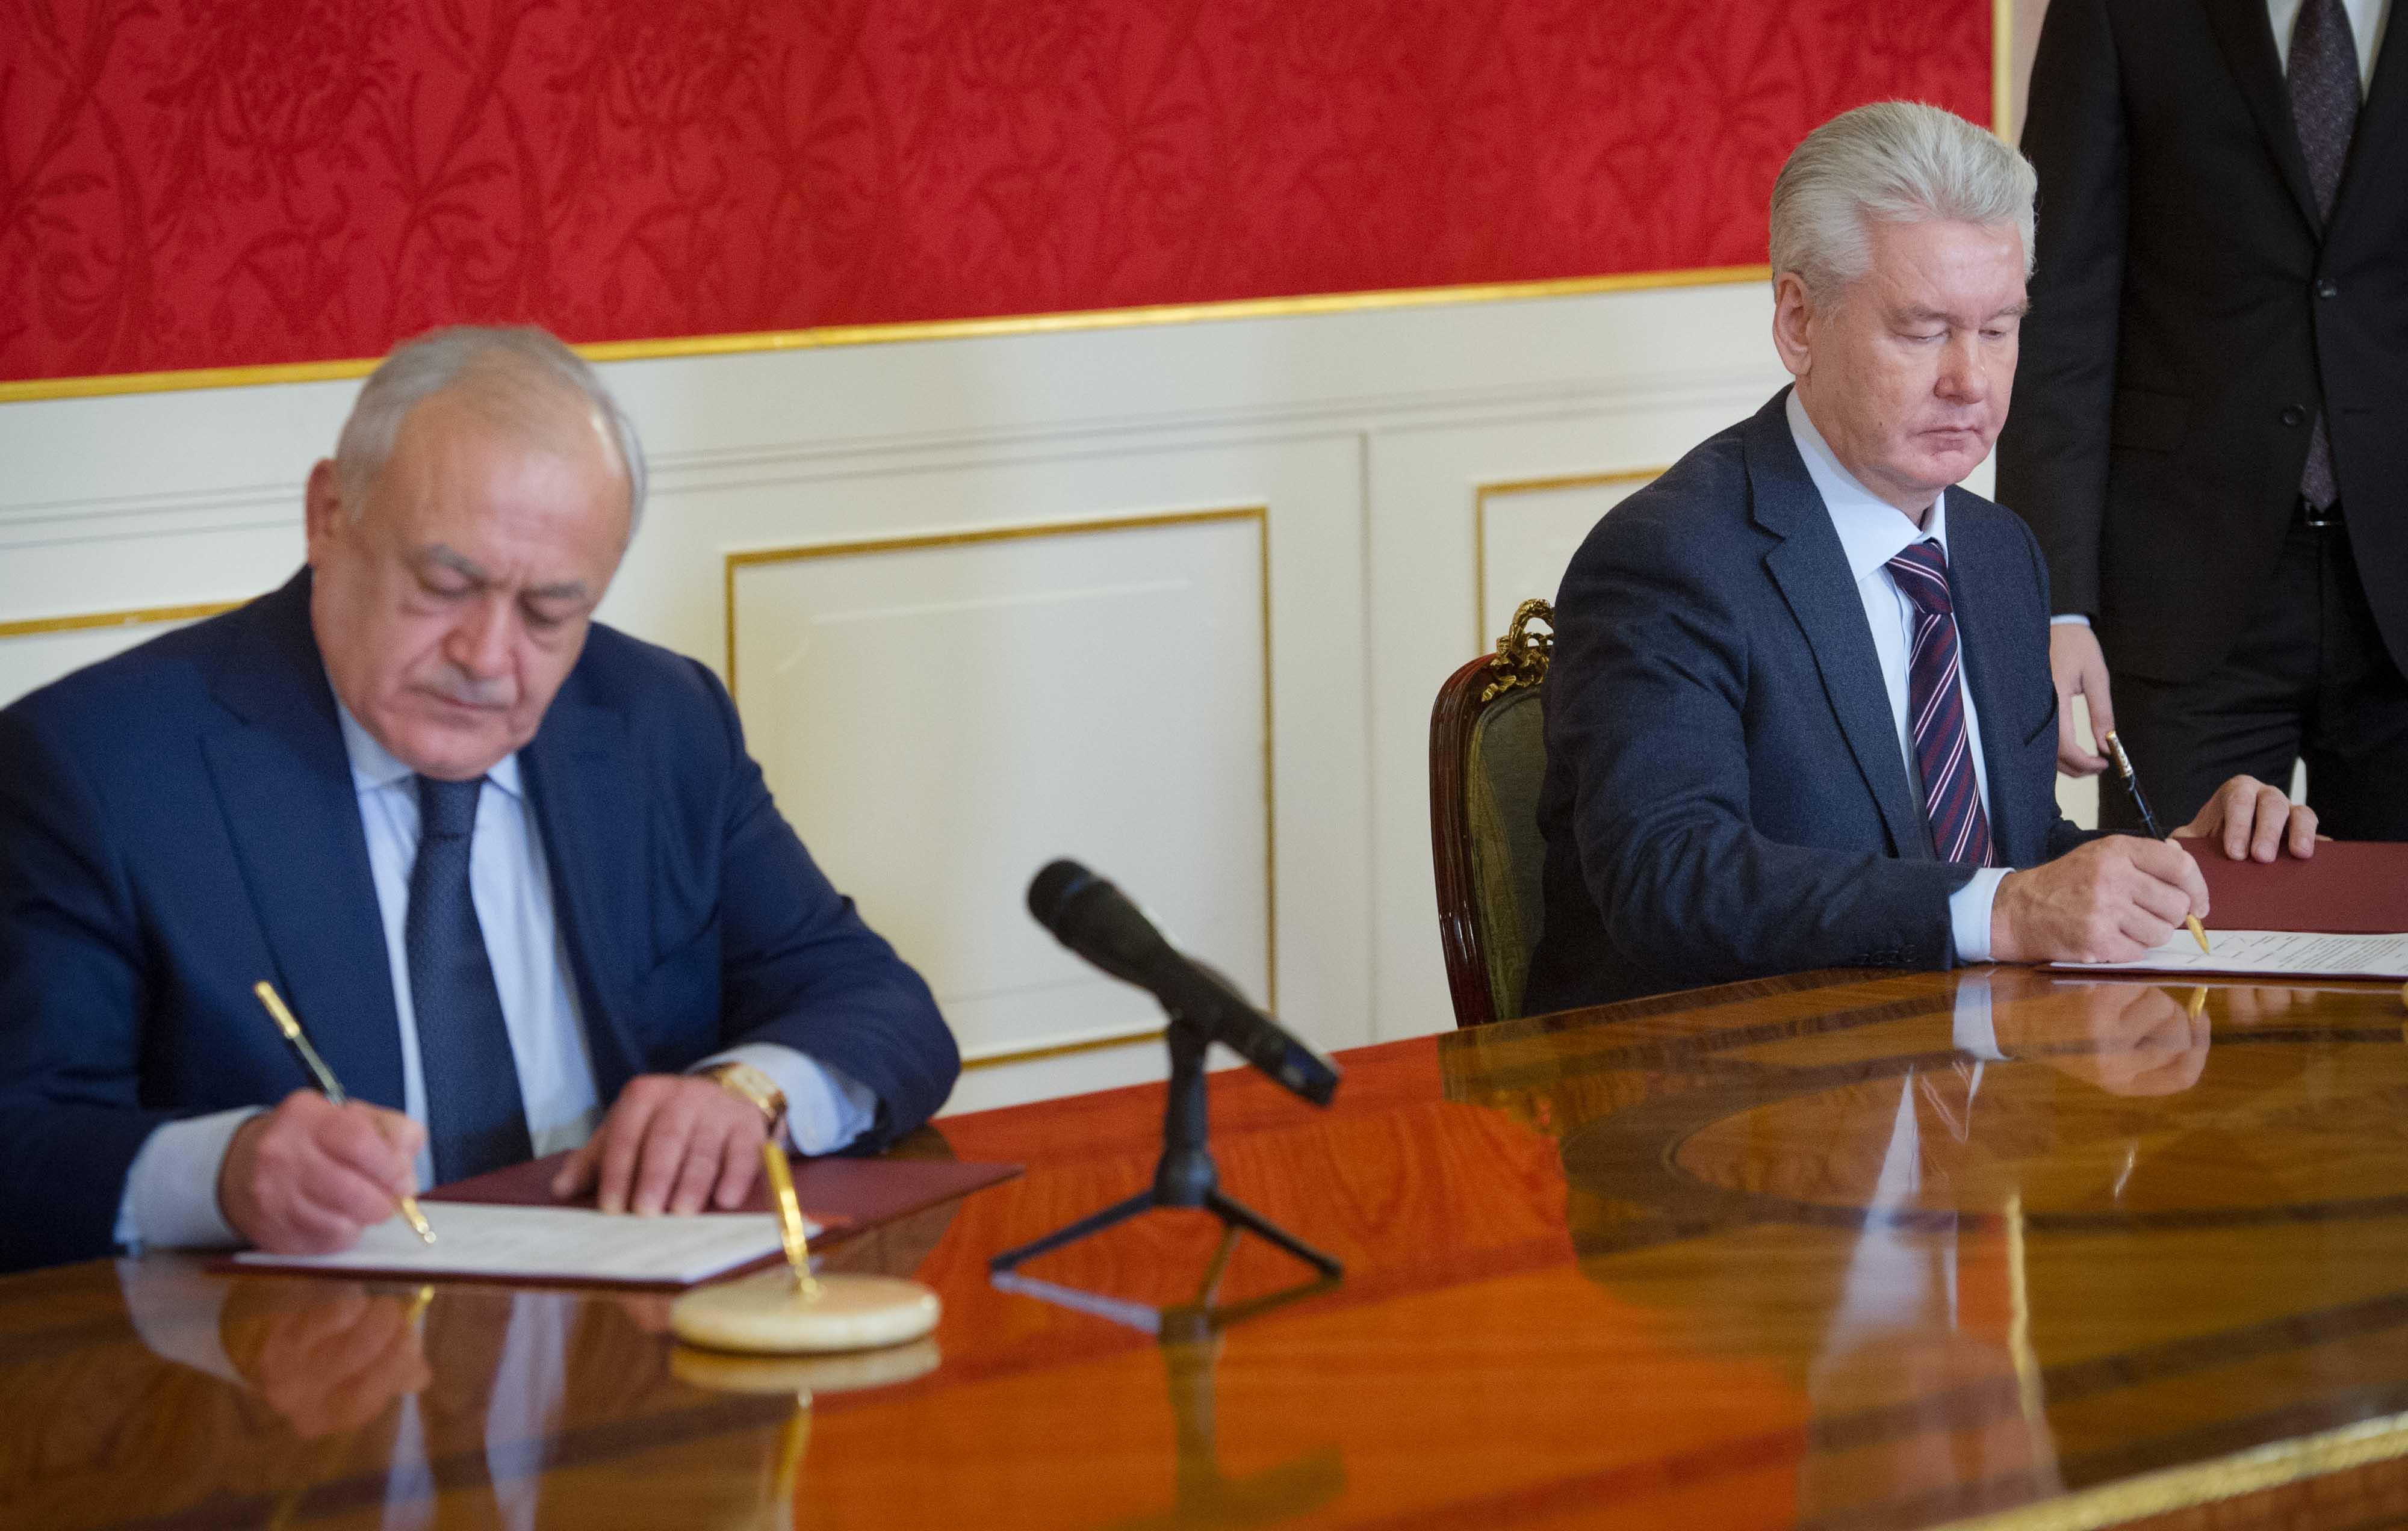 Подписание соглашения о сотрудничестве с республикой Северная Осетия-Алания